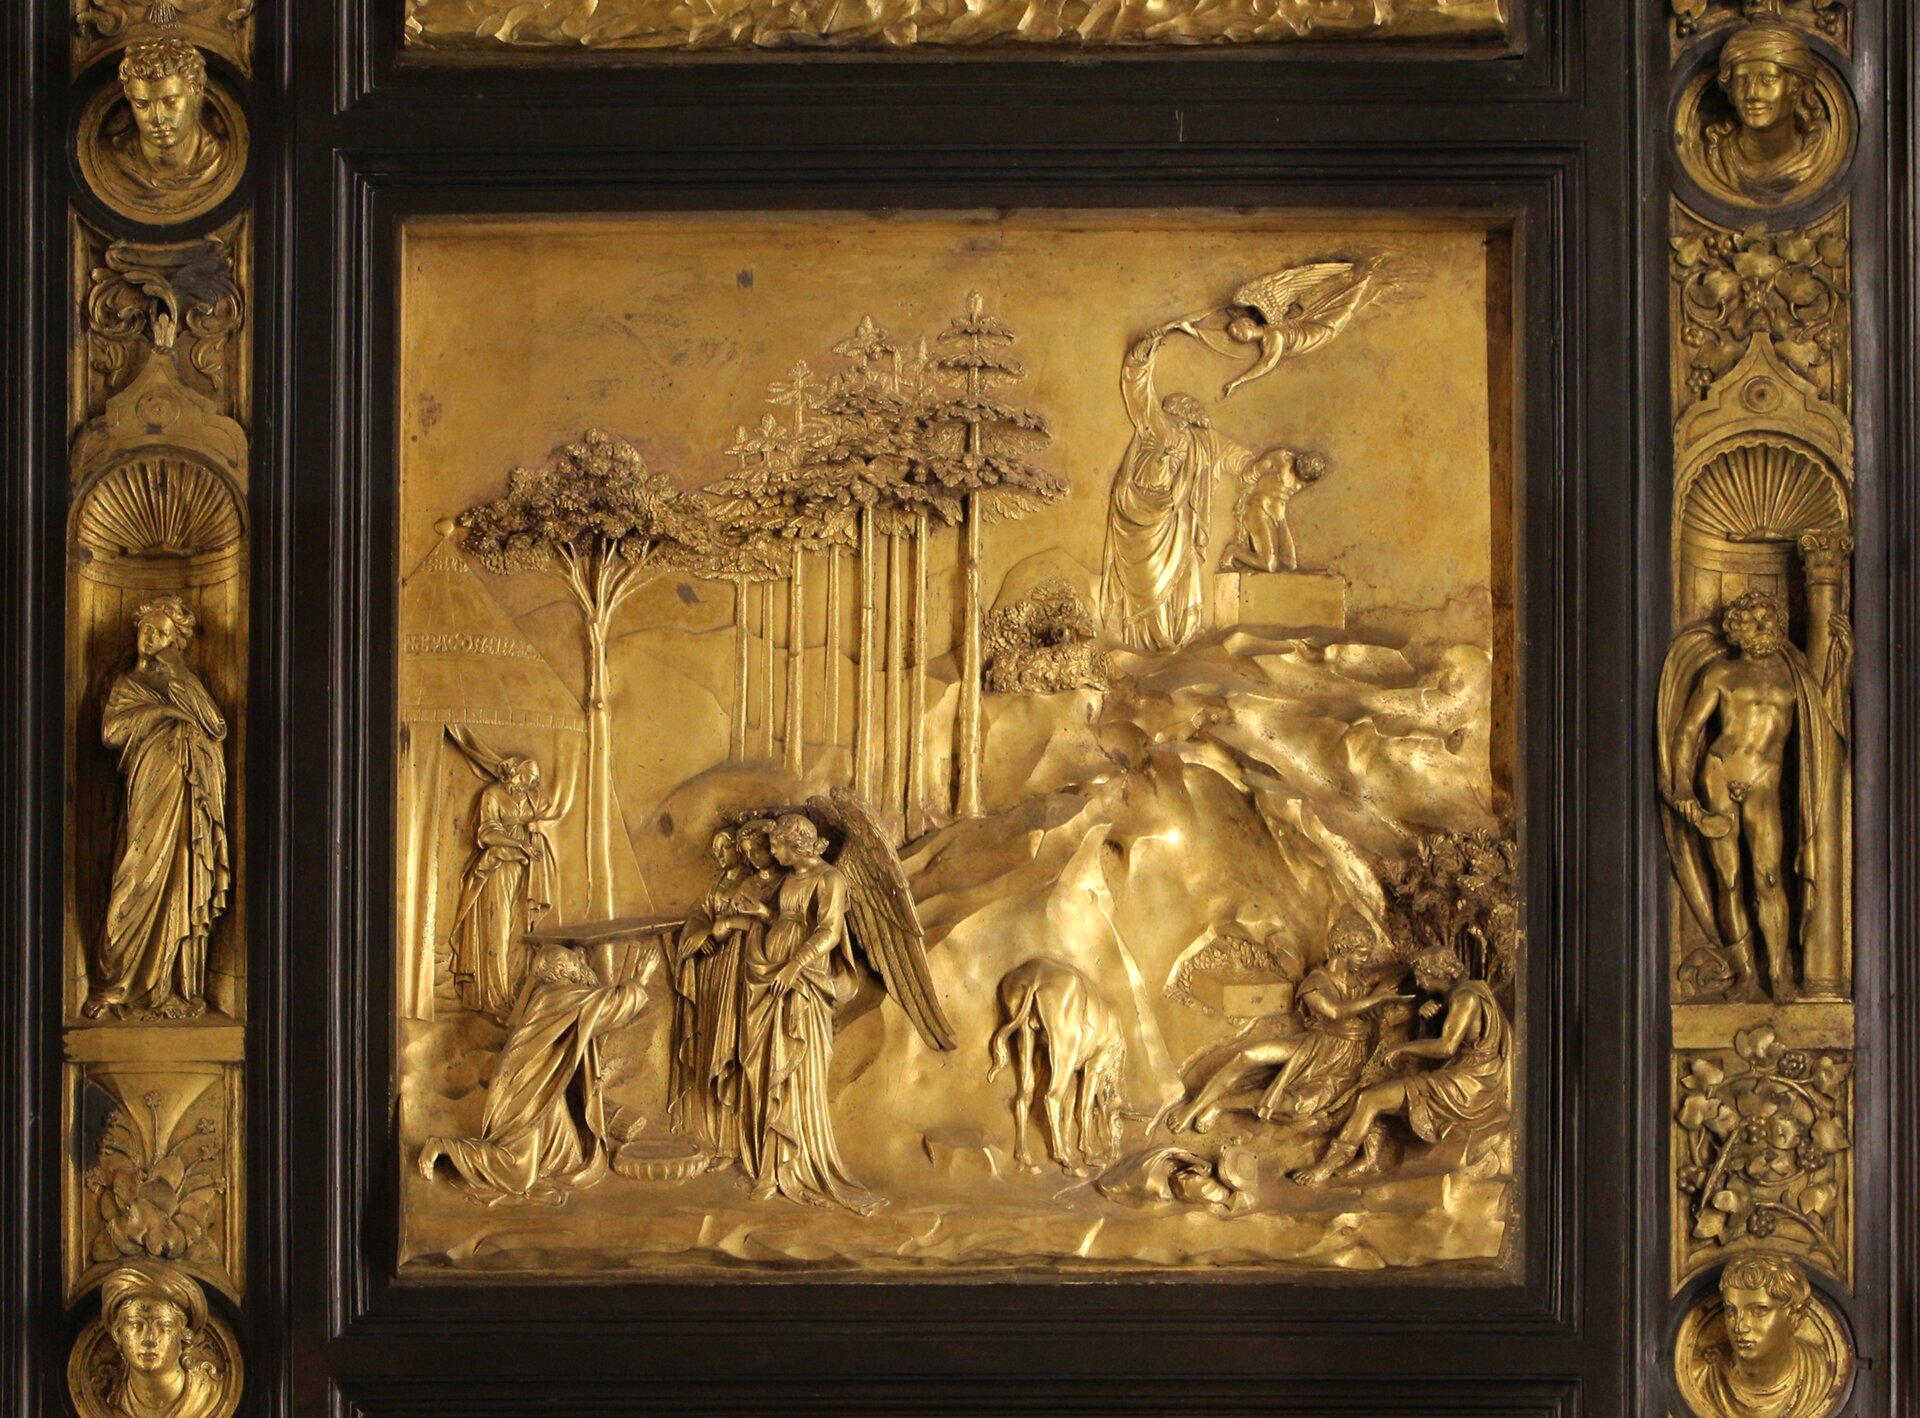 """Ilustracja przedstawia kwaterę """"Dzrwi Raju"""" Lorenza Ghibertiego. Ukazuje scenę zArbrahamem. Po lewej stronie klęczy Abraham, aprzed nim stoją dwaj aniołowie, Zbudowli przy krawędzi kwatery wychodzi trzeci anioł. Po prawej, upodnóża skały rozmawiają dwaj młodzieńcy. Na szczycie ukazana jest scena zOfiarą Izaaka. Abraham trzyma syna iunosi rękę zmieczem, by dokonać ofiary, jednak anioł nadlatuje ipowstrzymuje starca., chwytając jego miecz."""